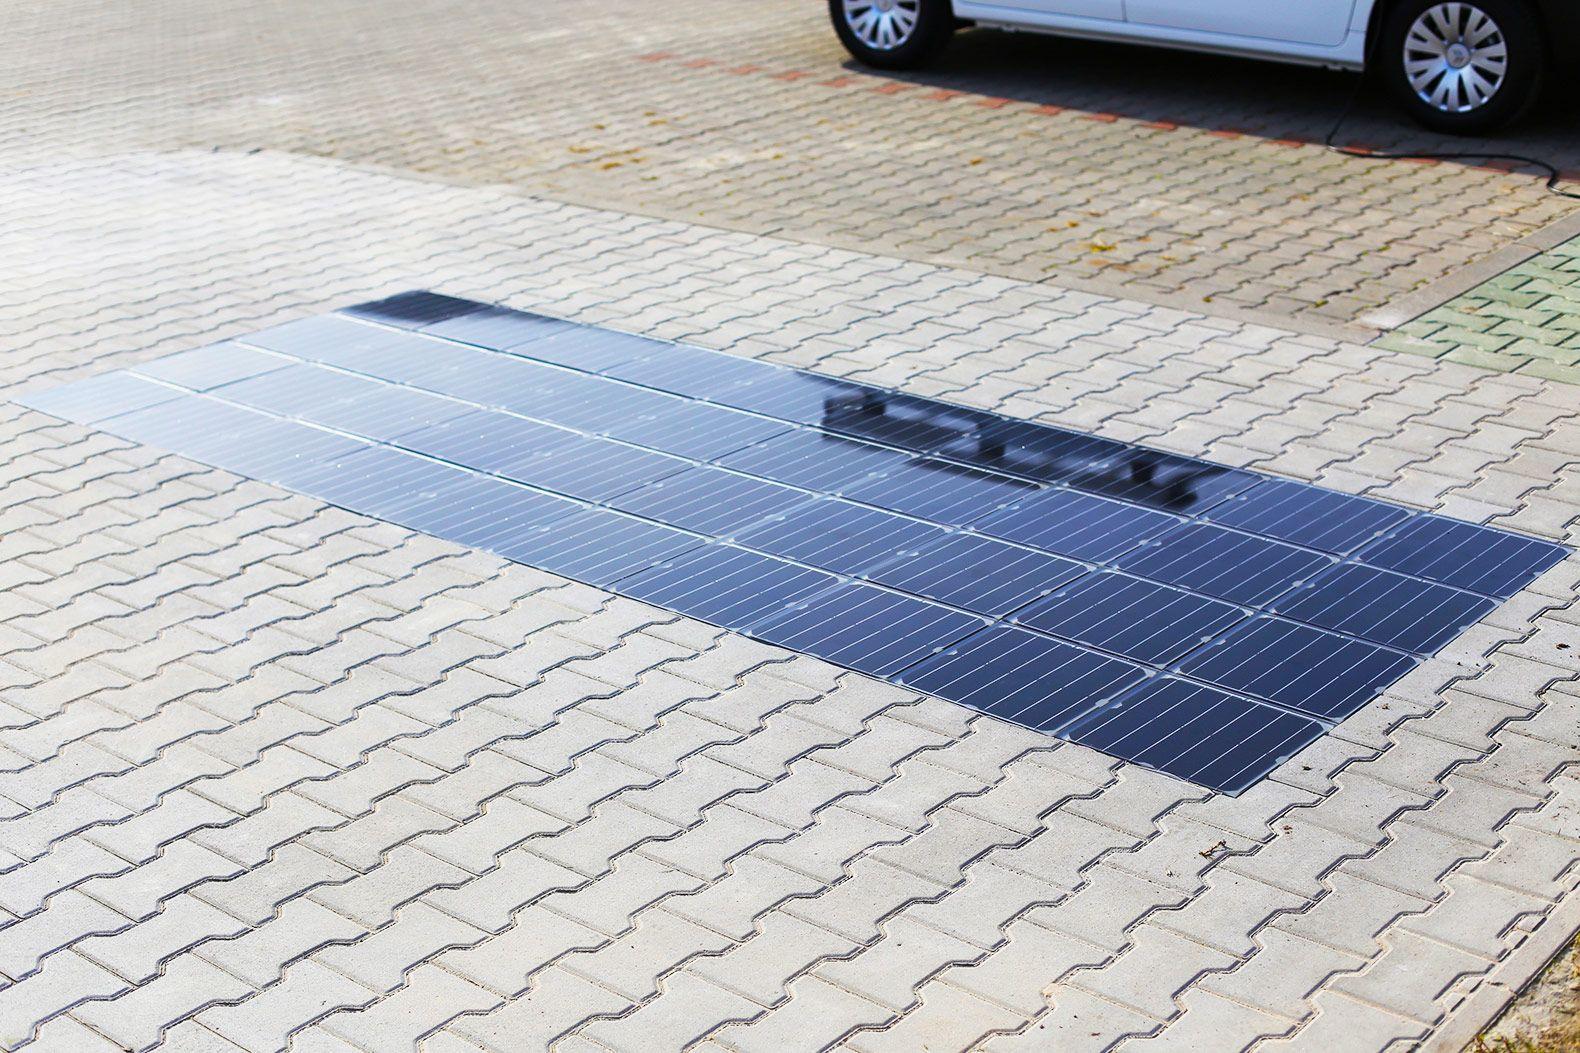 Platio Unveils Next Gen Solar Sidewalk That Can Charge Electric Vehicles Solar Energy Diy Solar Diy Solar System